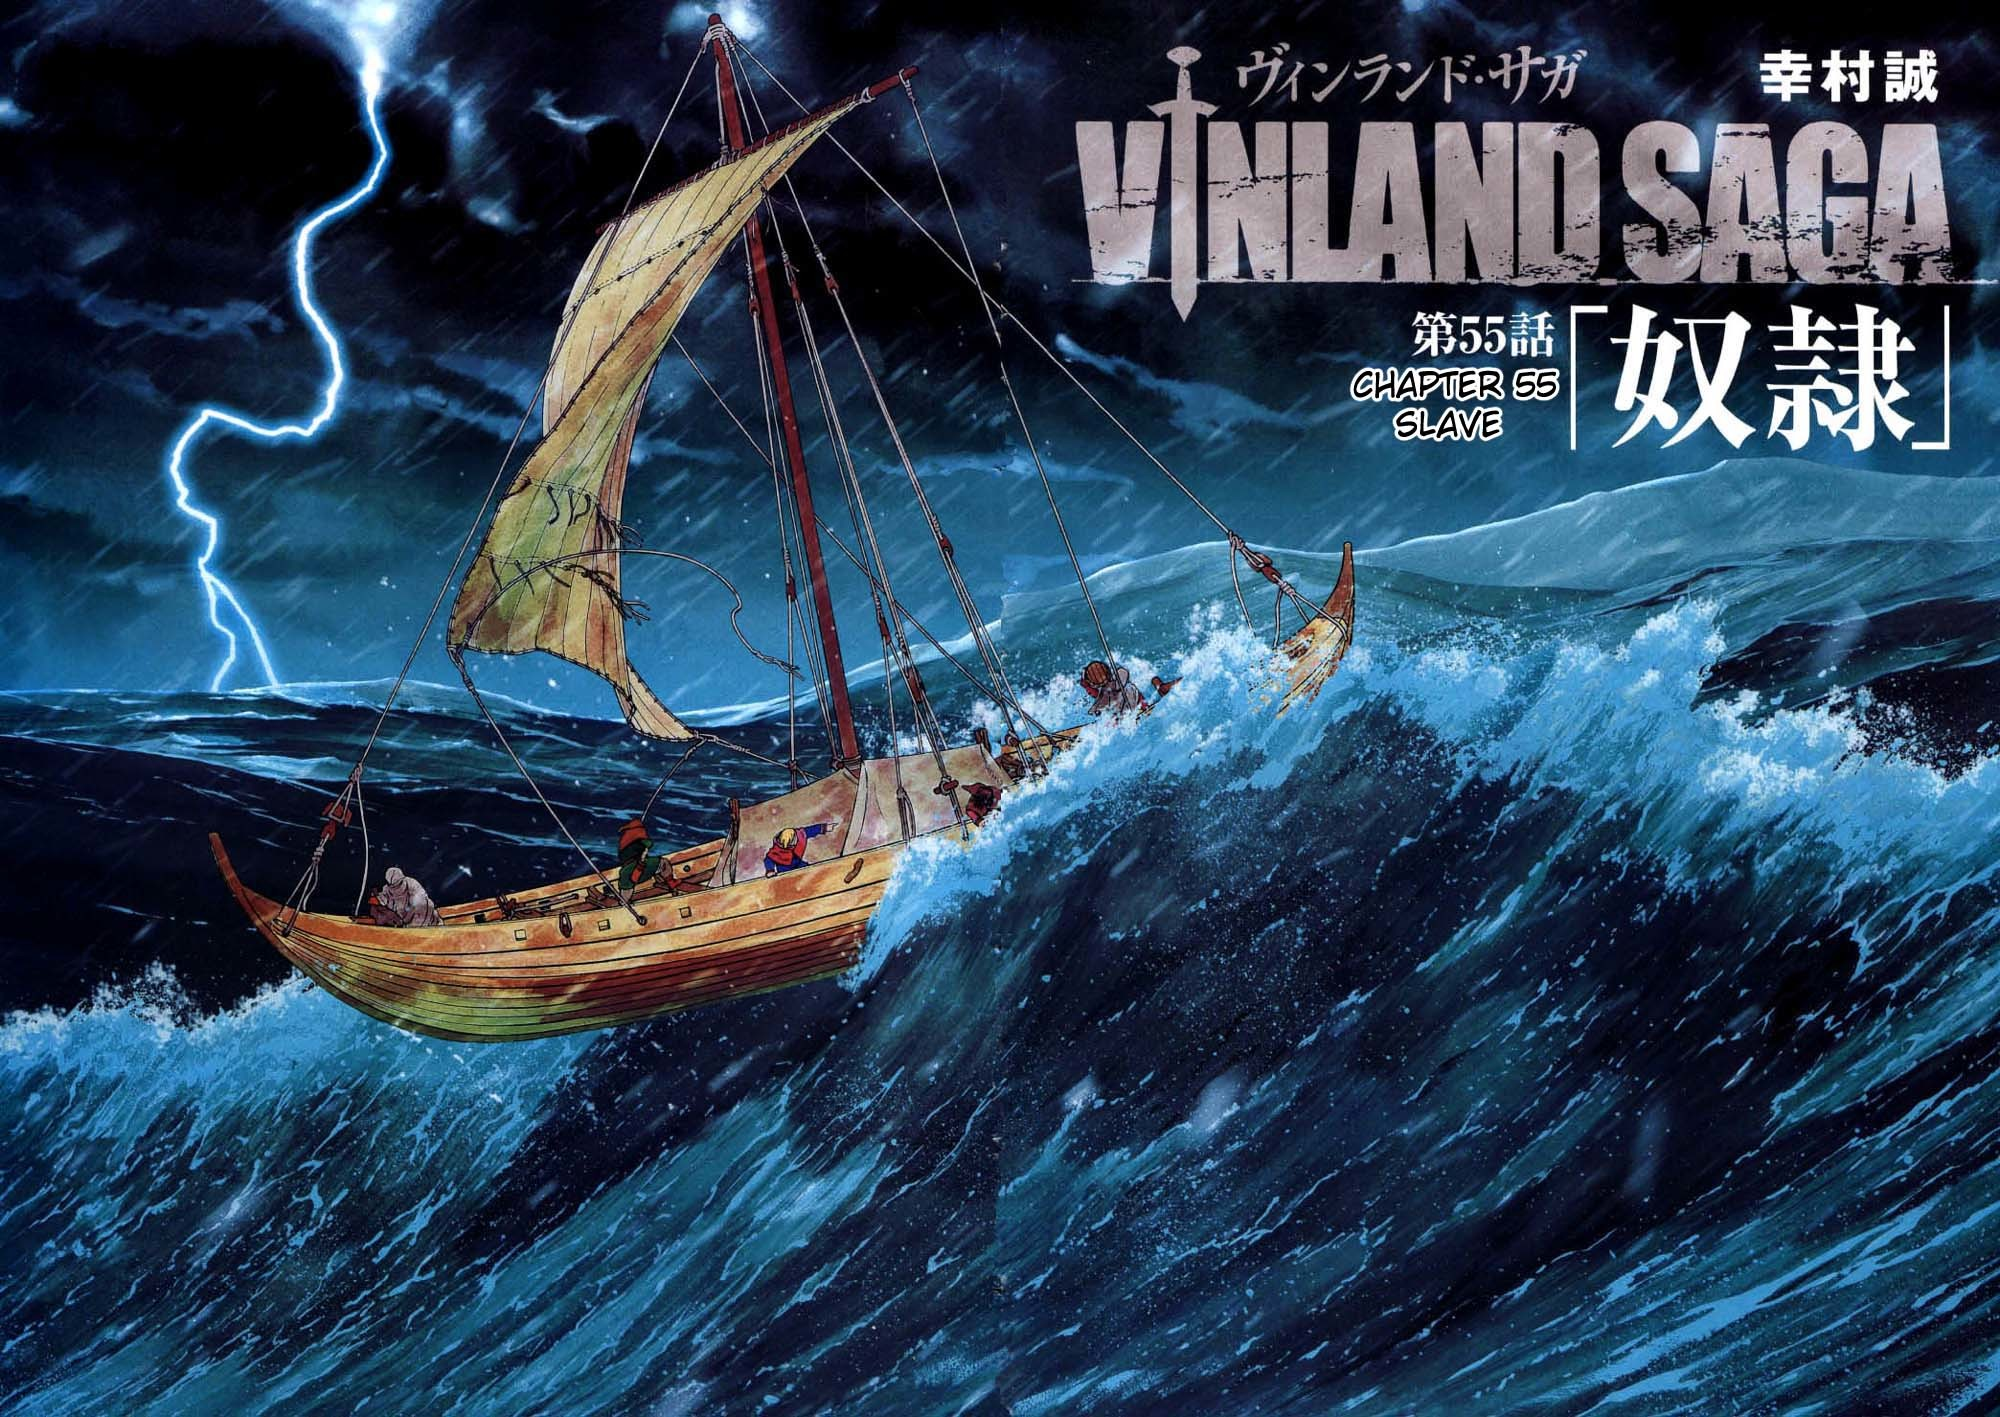 Vinland Saga || wallpaper | Vinland Saga | Pinterest | Vinland saga, Manga  and Anime